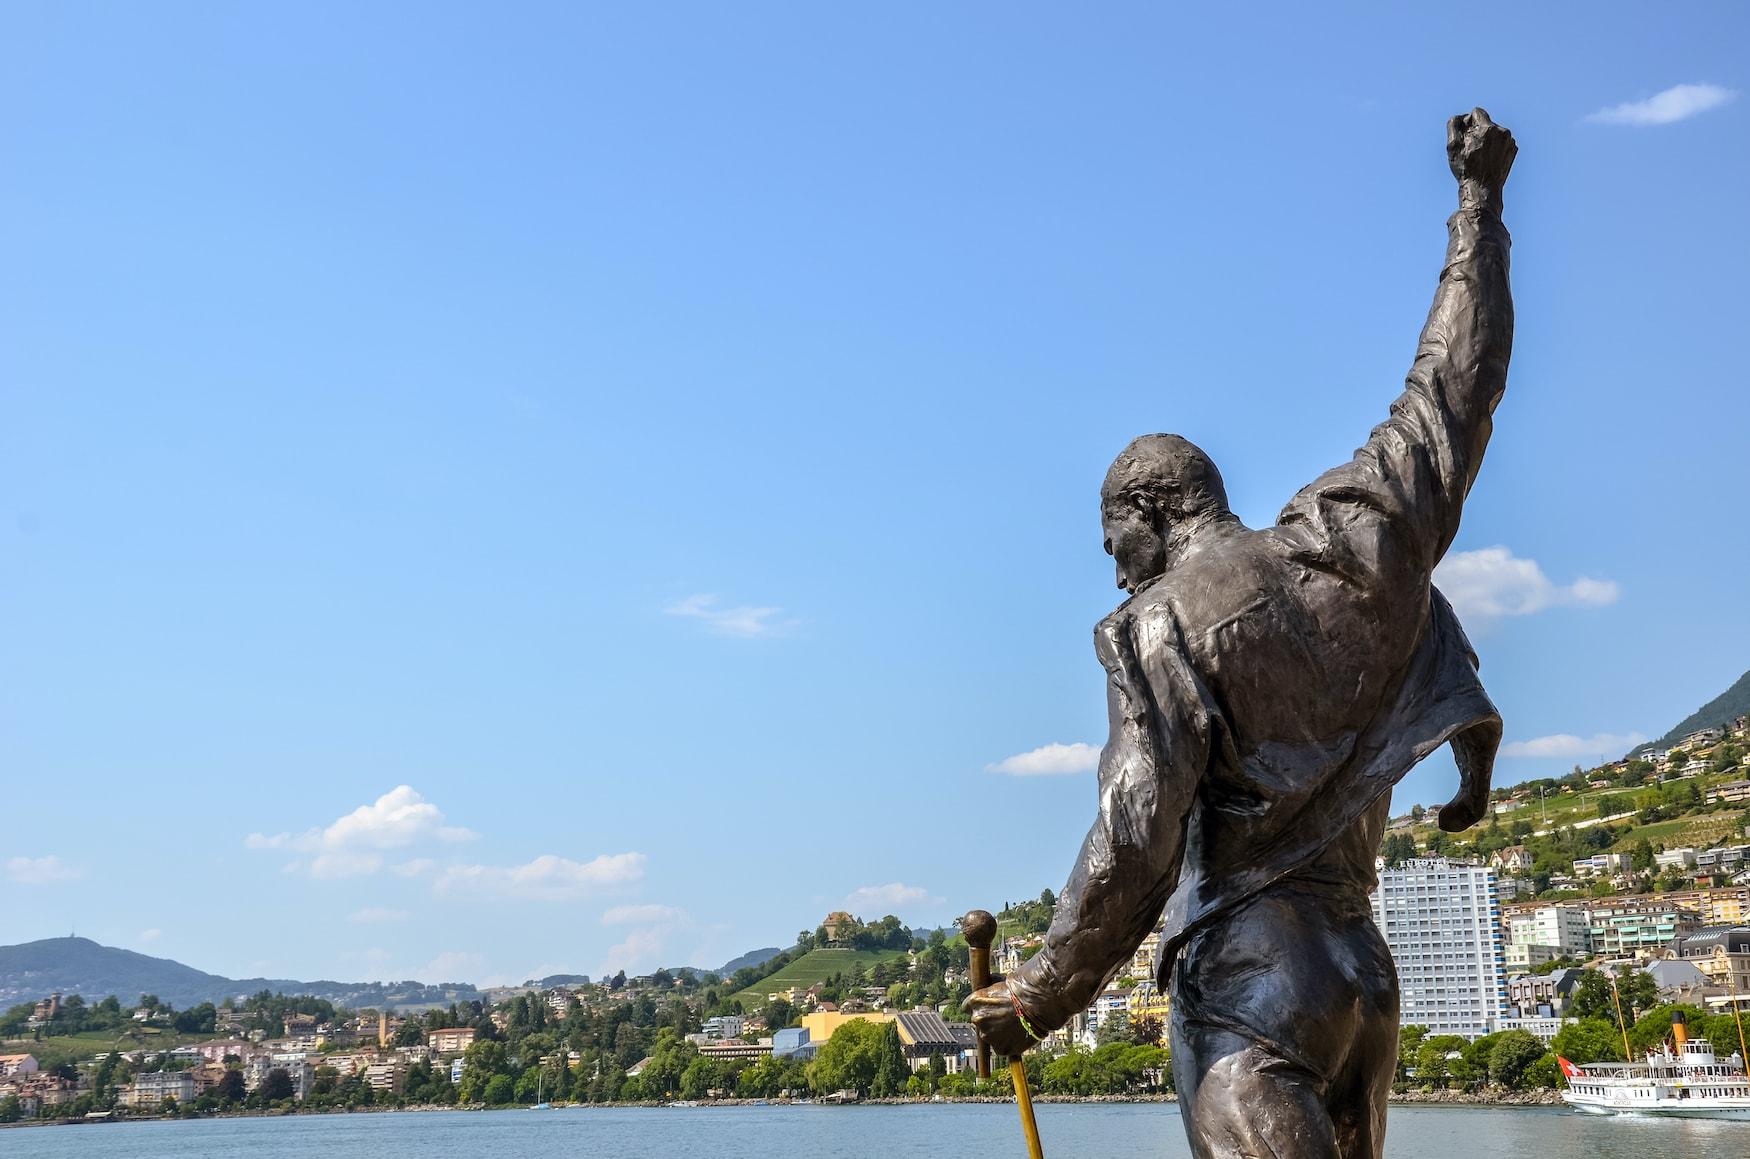 Statue von Freddie Mercury, Sänger der berühmten Band Queen vor der Kulisse des Genfer Sees